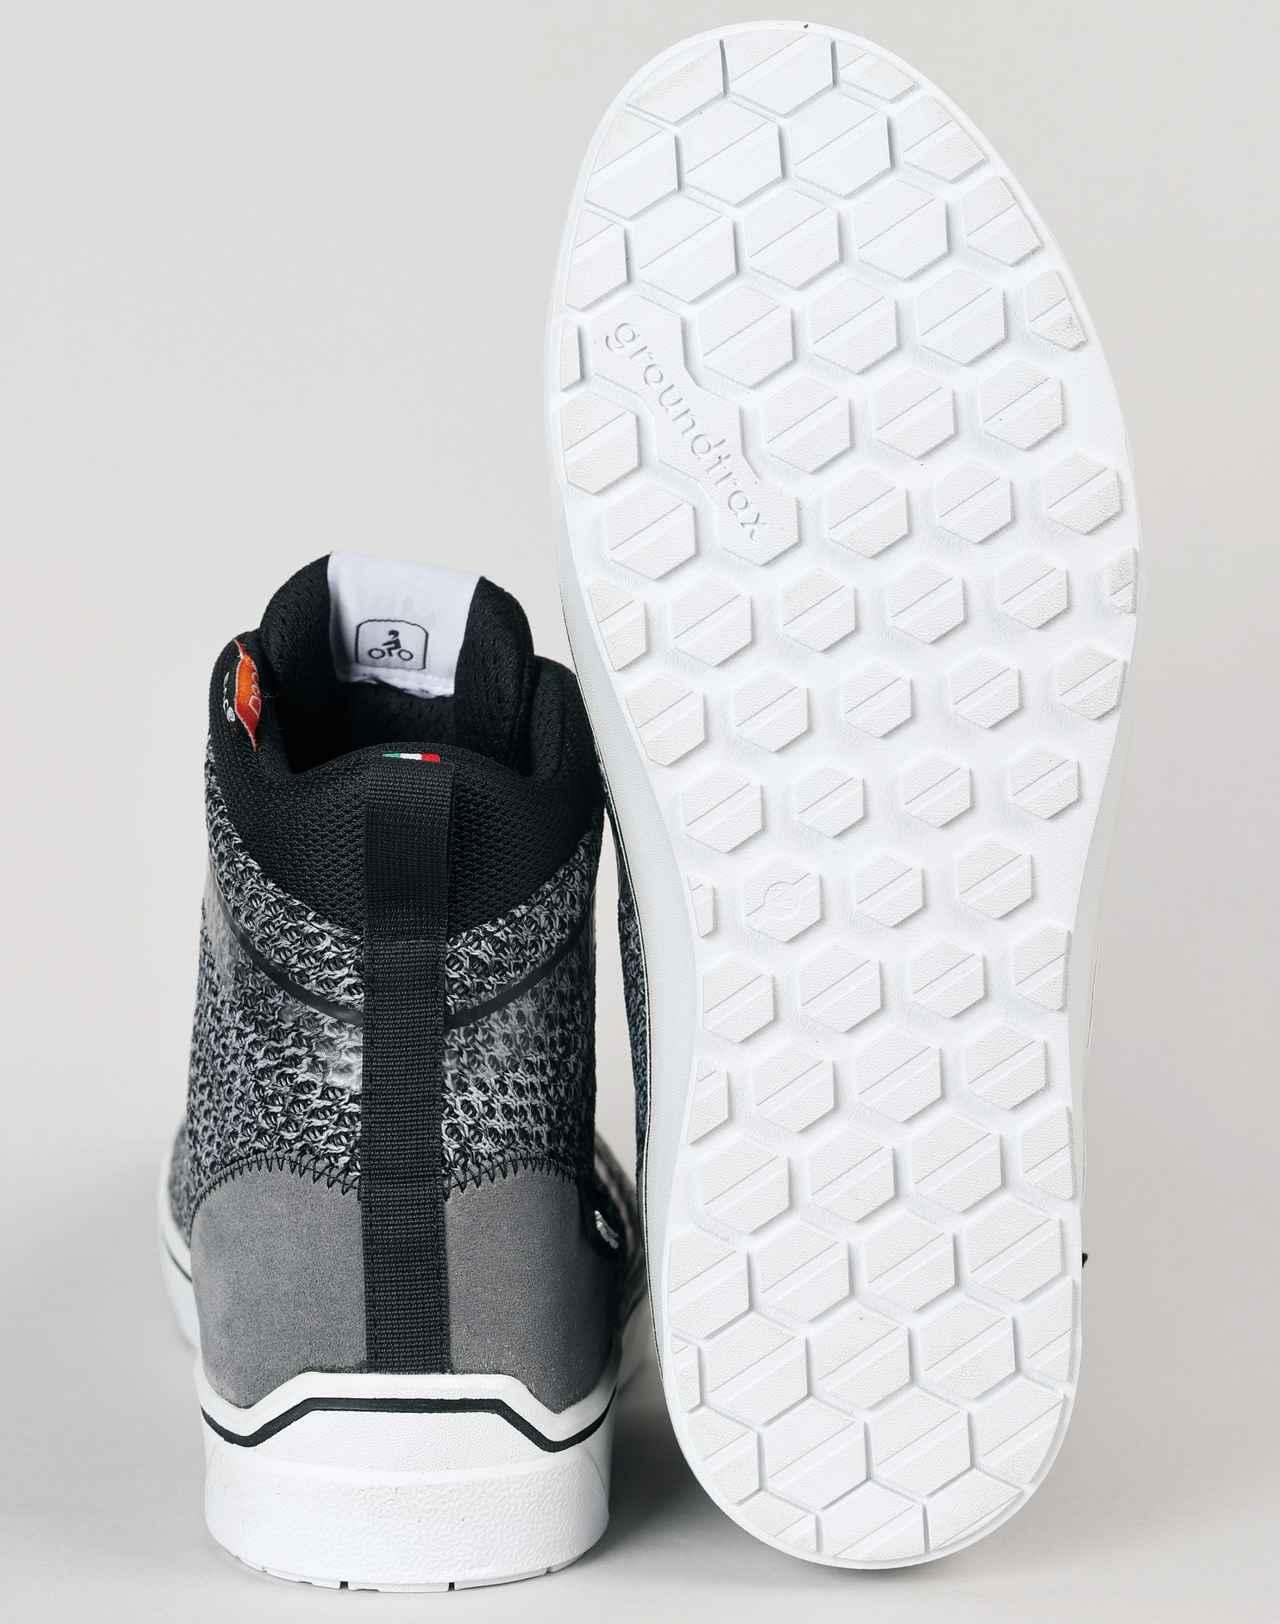 画像: IKASU AIR カカト、つま先には樹脂製カップ、靴底には横からの衝撃を抑える補強プレートを内蔵。高い安全性でCE規格の認証を得ている。